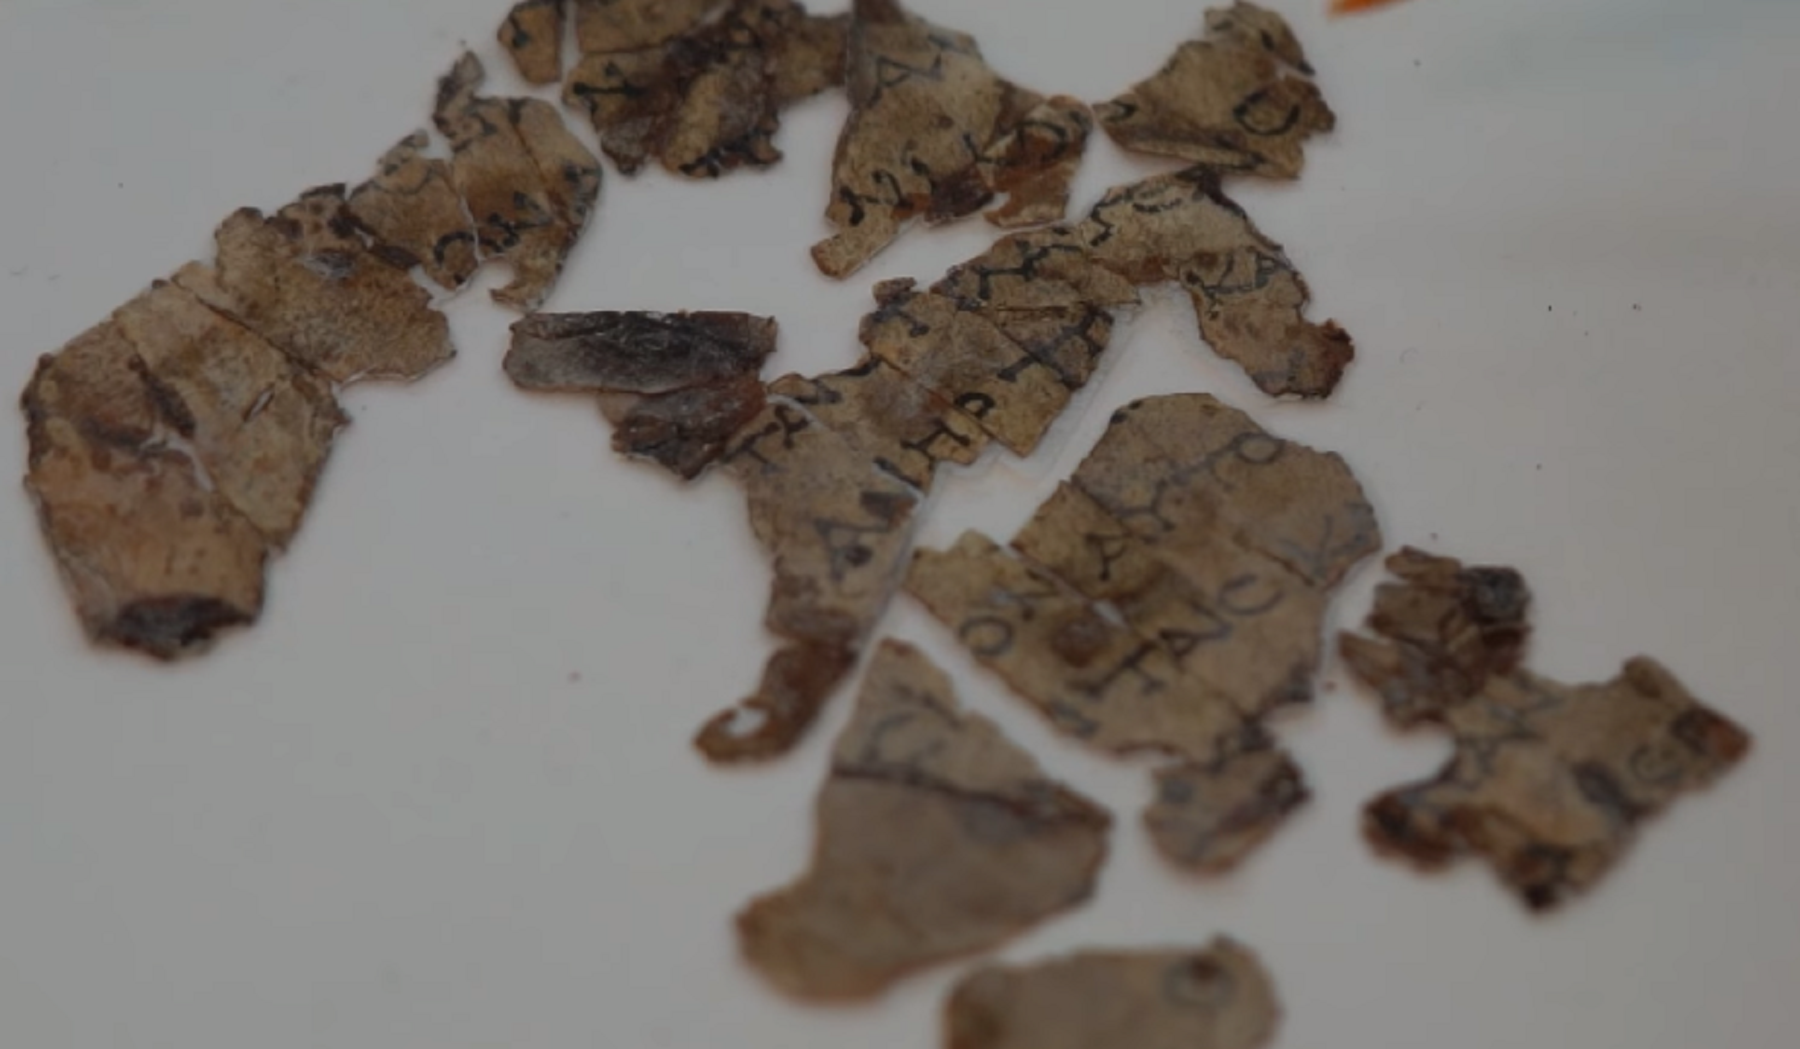 Nuovi testi biblici di 2mila anni fa. Storica scoperta archeologica in Israele